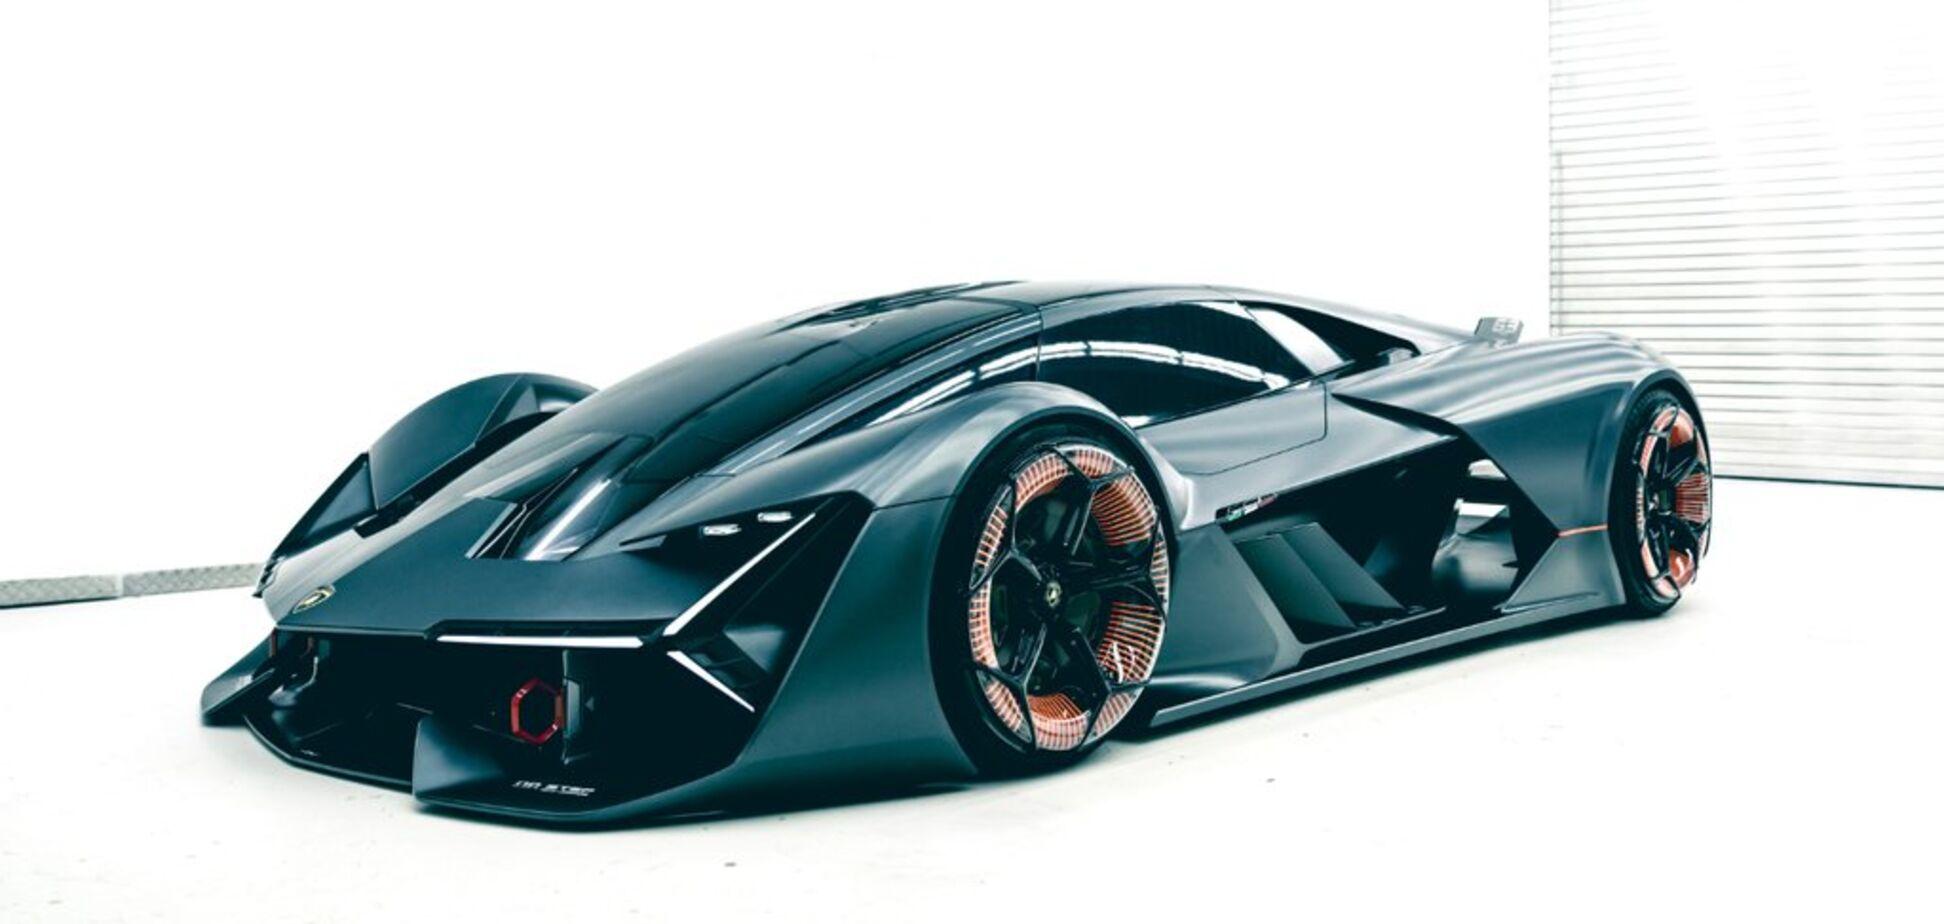 Вчені з MIT разом із Lamborghini створили матеріал для виробництва 'суперакумуляторів'